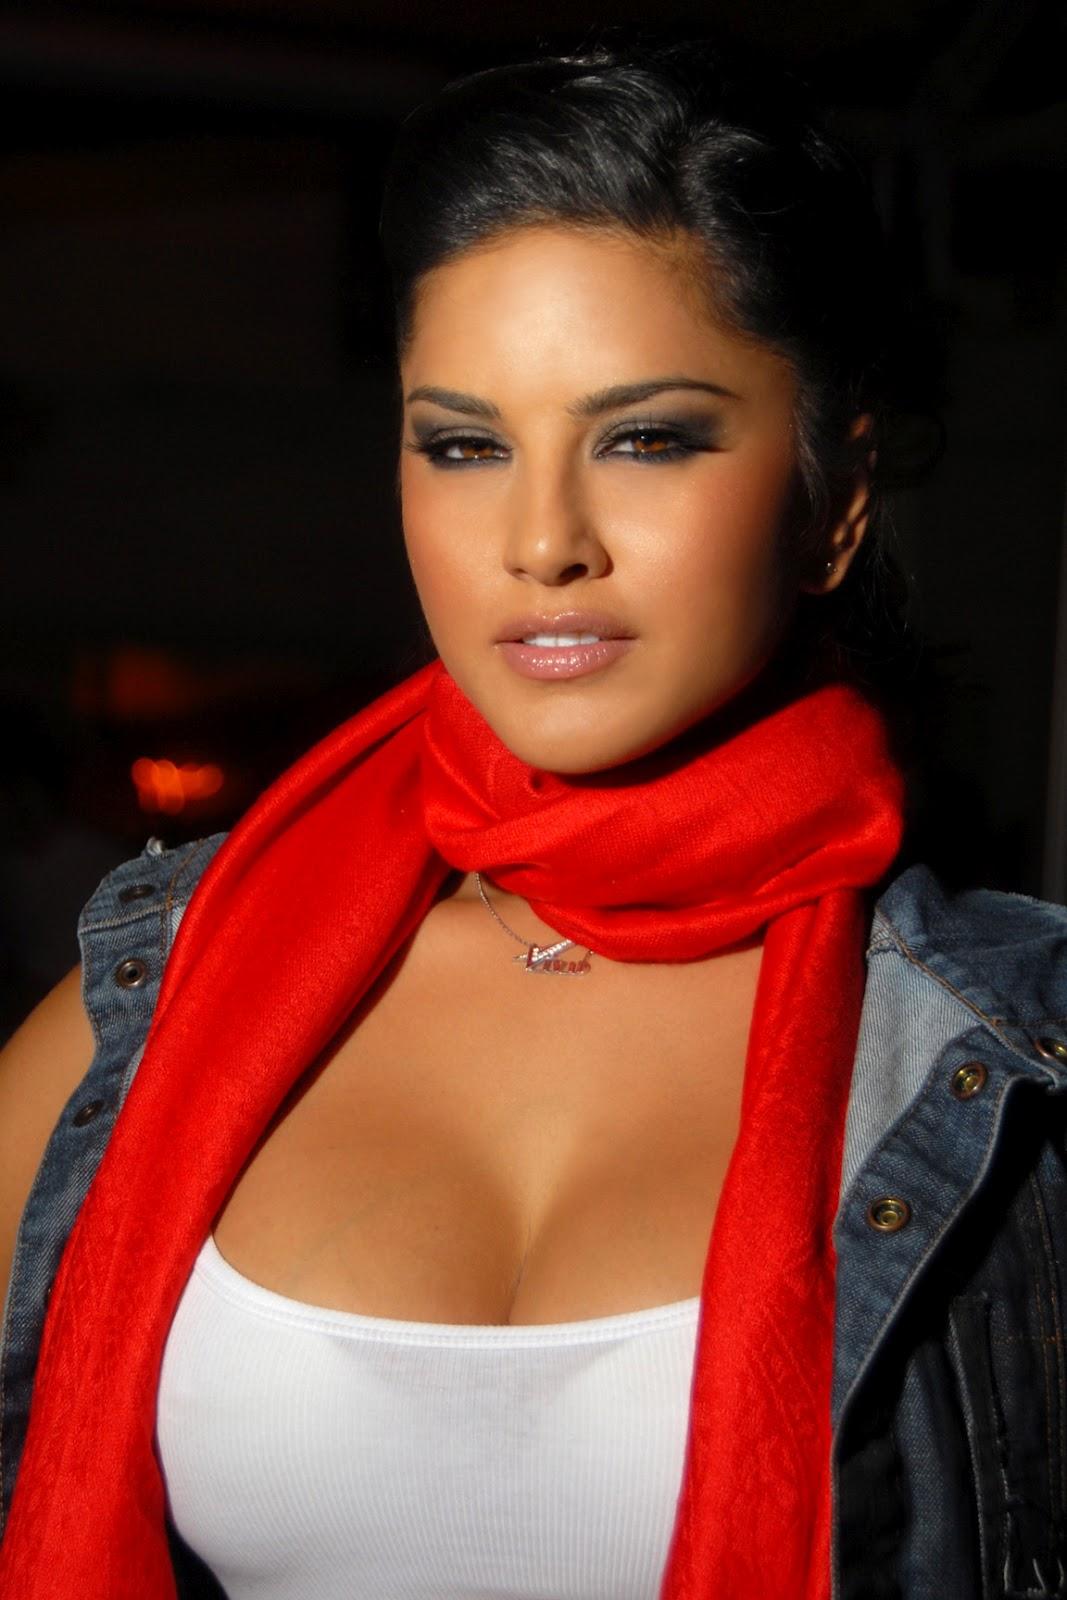 Sunny Leone porno star picture and latest video news